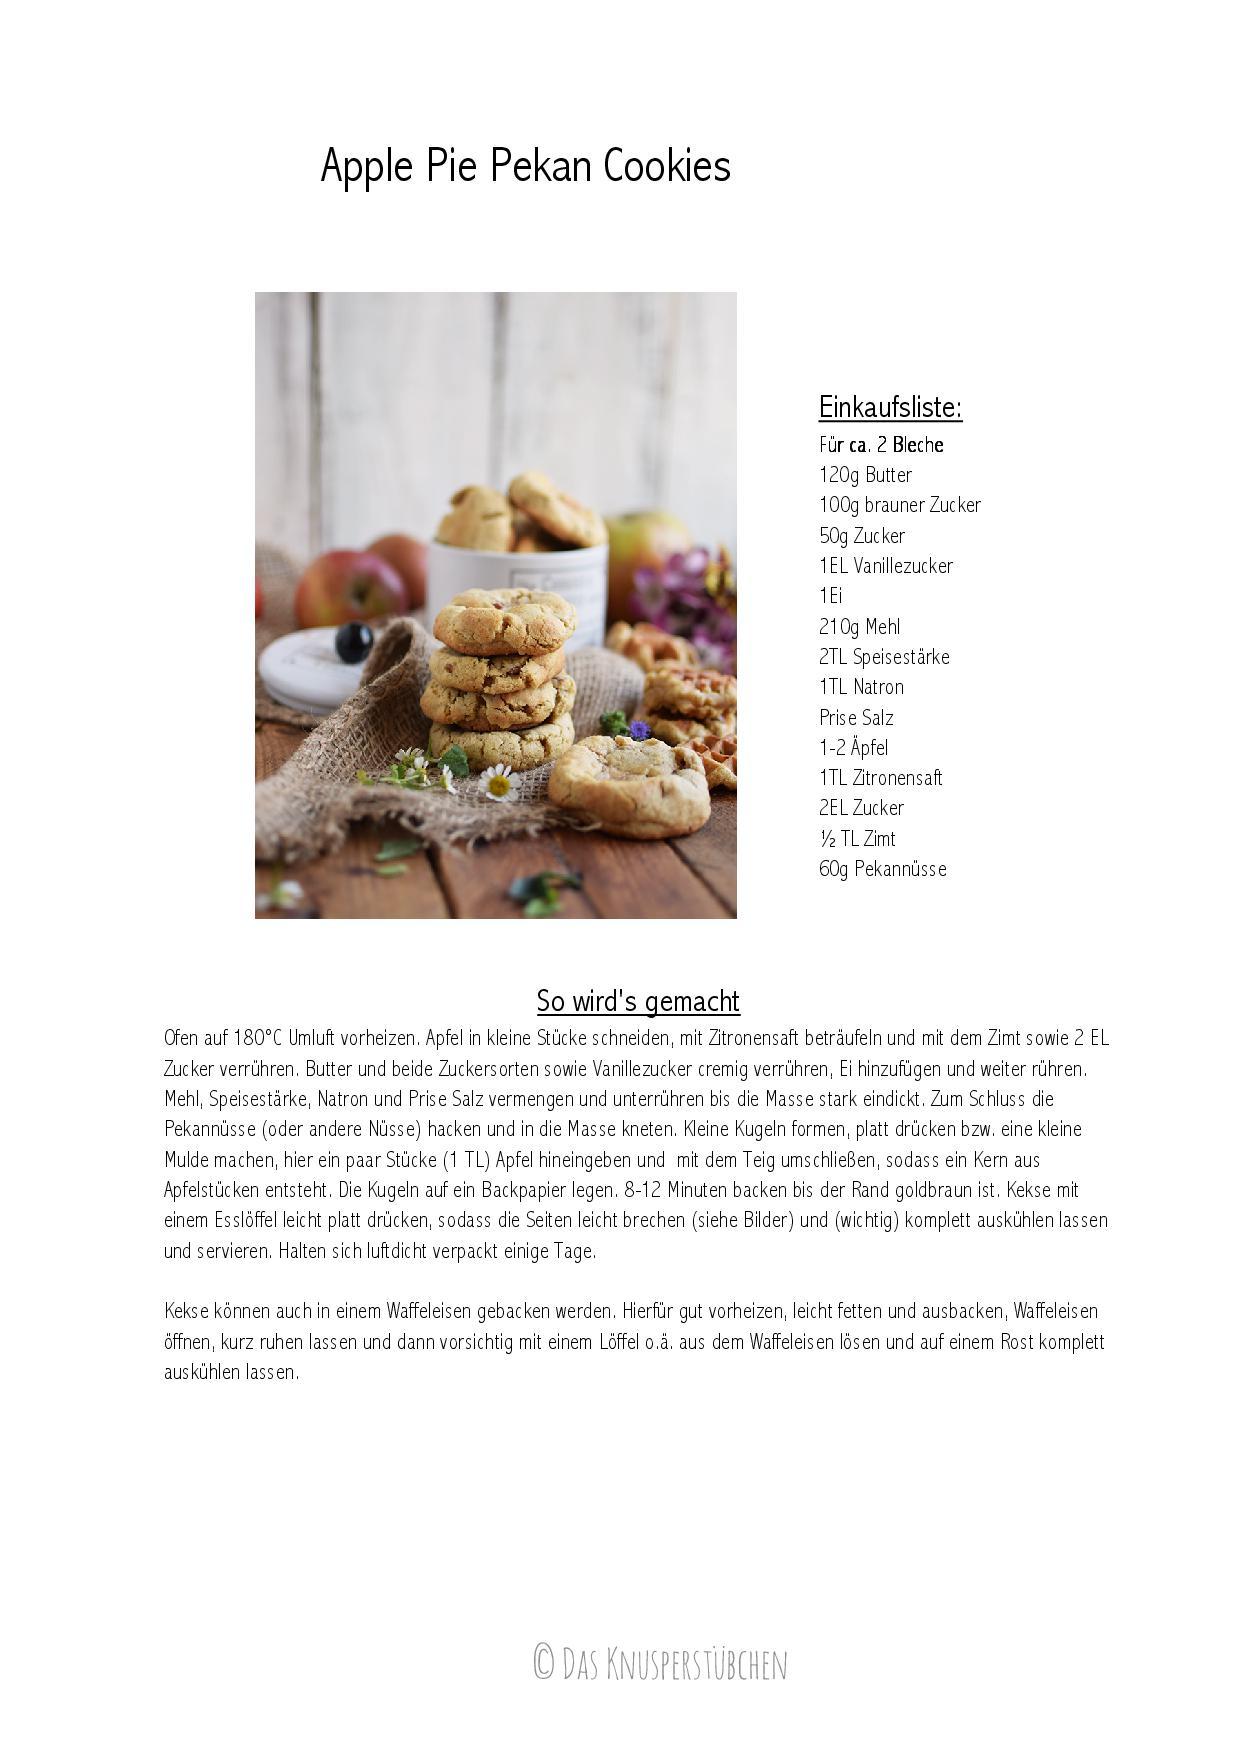 apple-pie-pekan-cookies-001